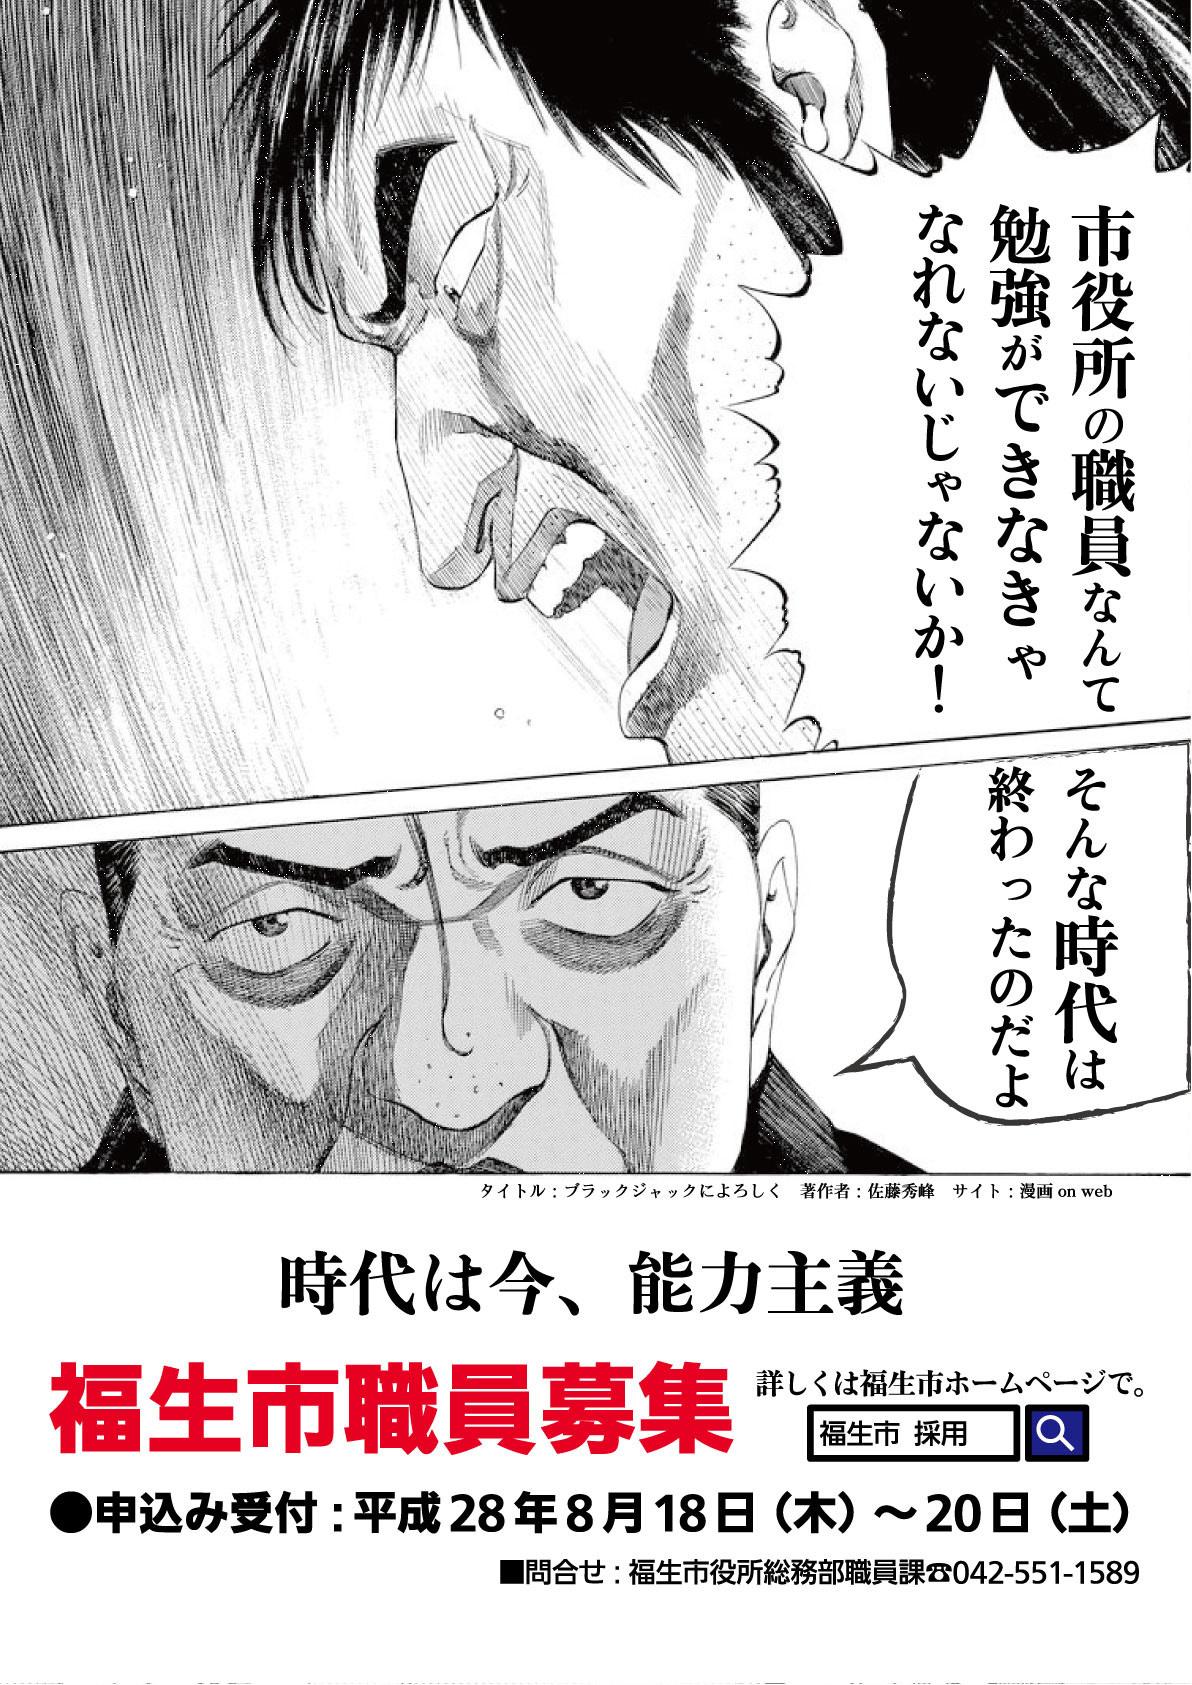 """福生市が職員採用ポスターで「ブラックジャックによろしく」とコラボ※能力ある若者に向けた""""熱い想い""""がほとばしる!"""